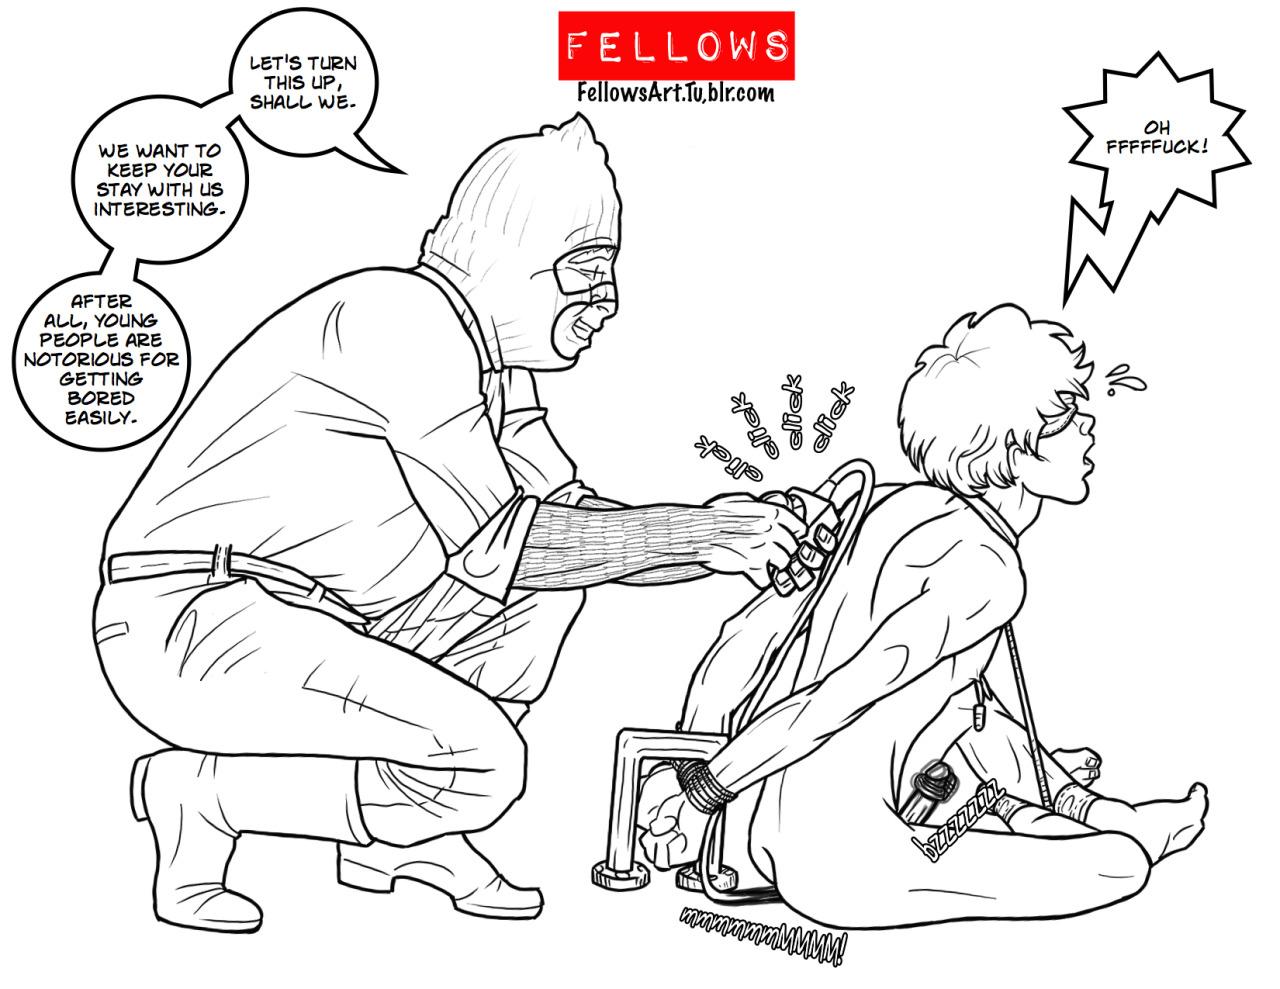 FellowsArt